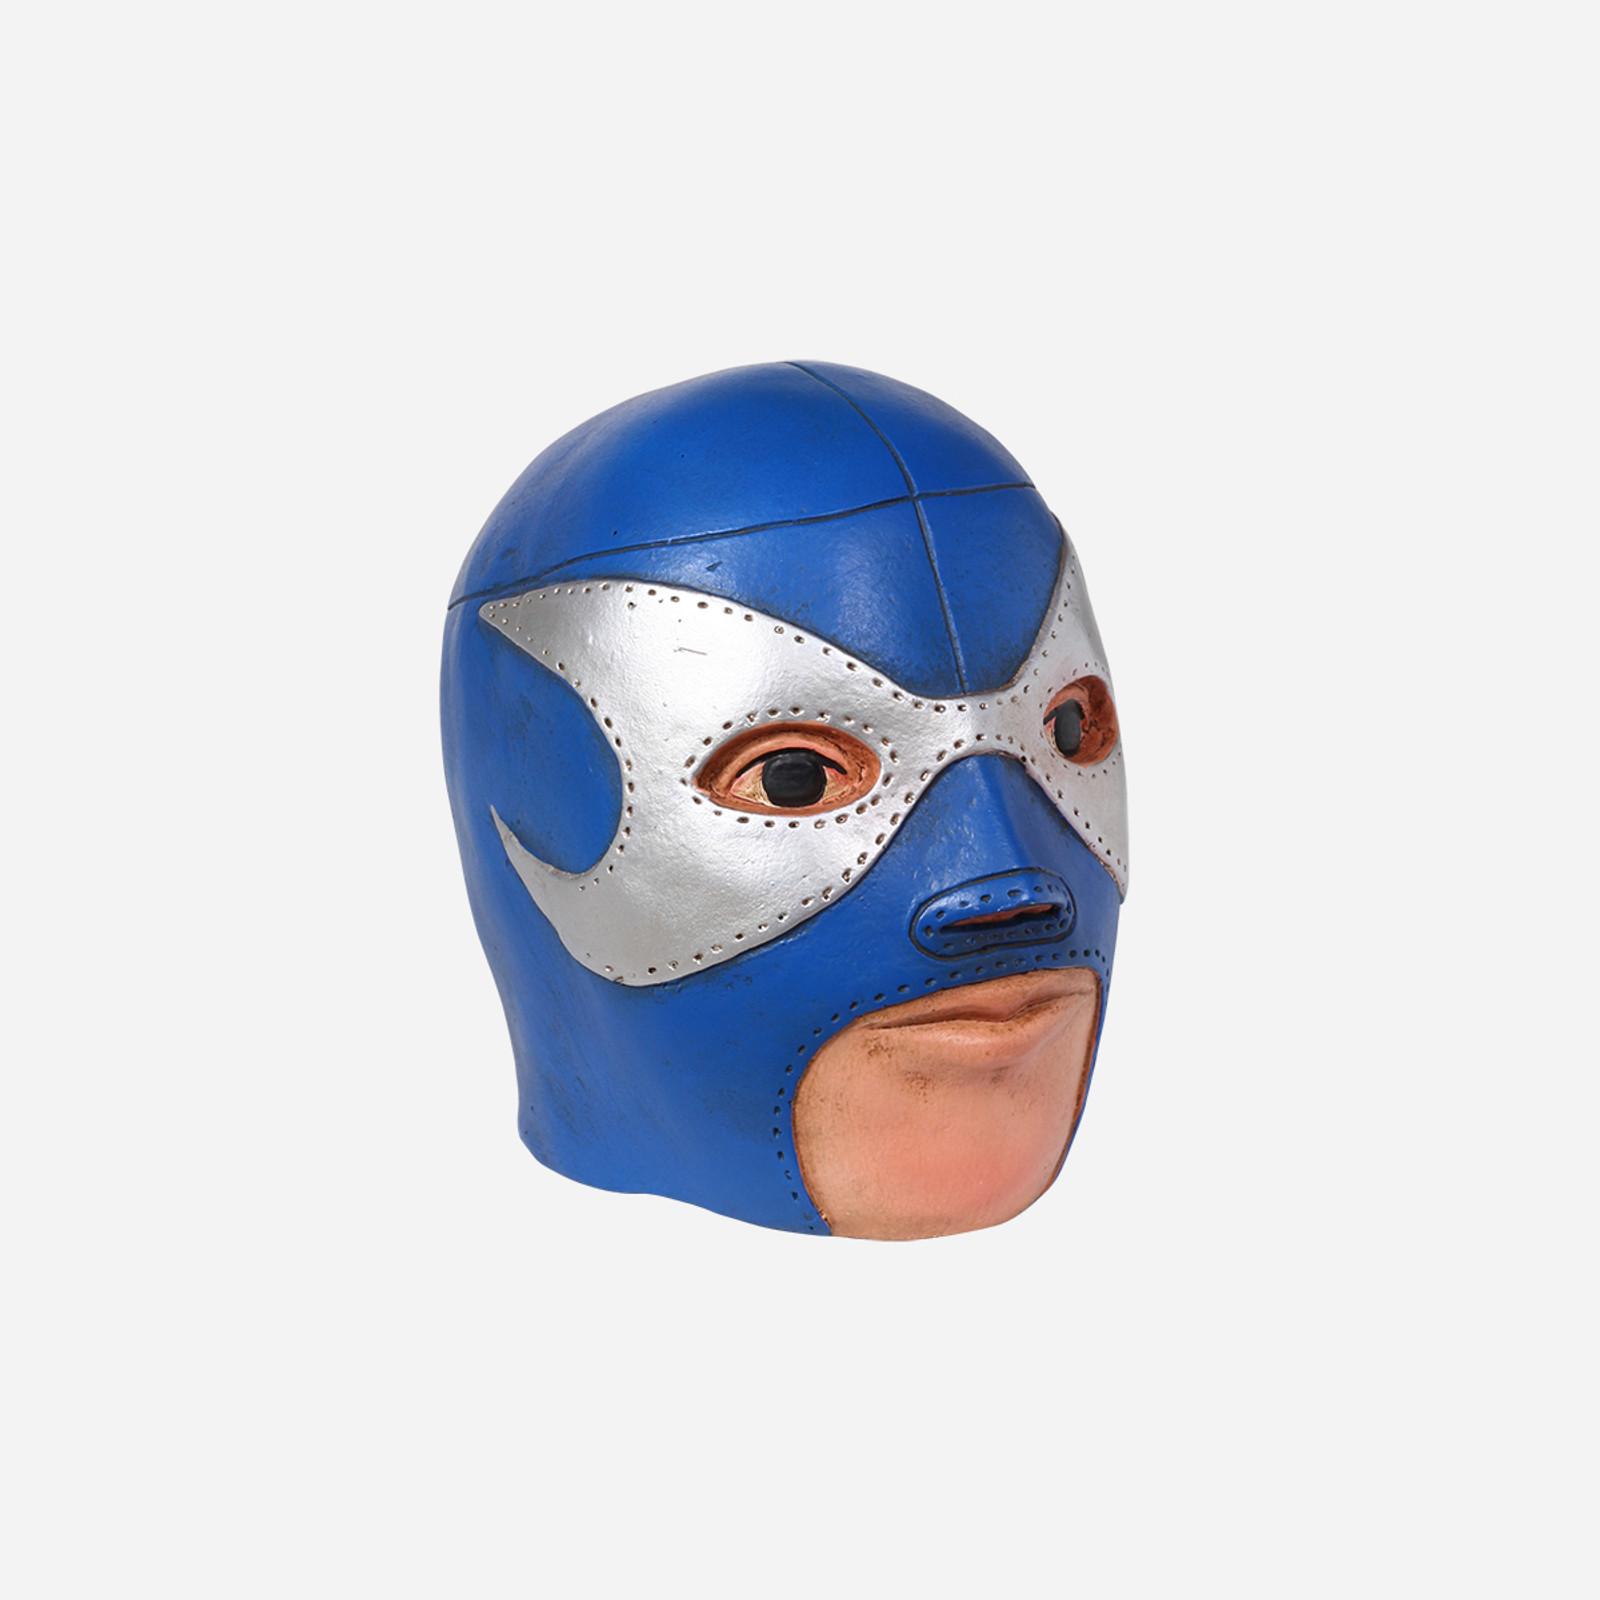 Lizmark Wrestler Head Coin Bank